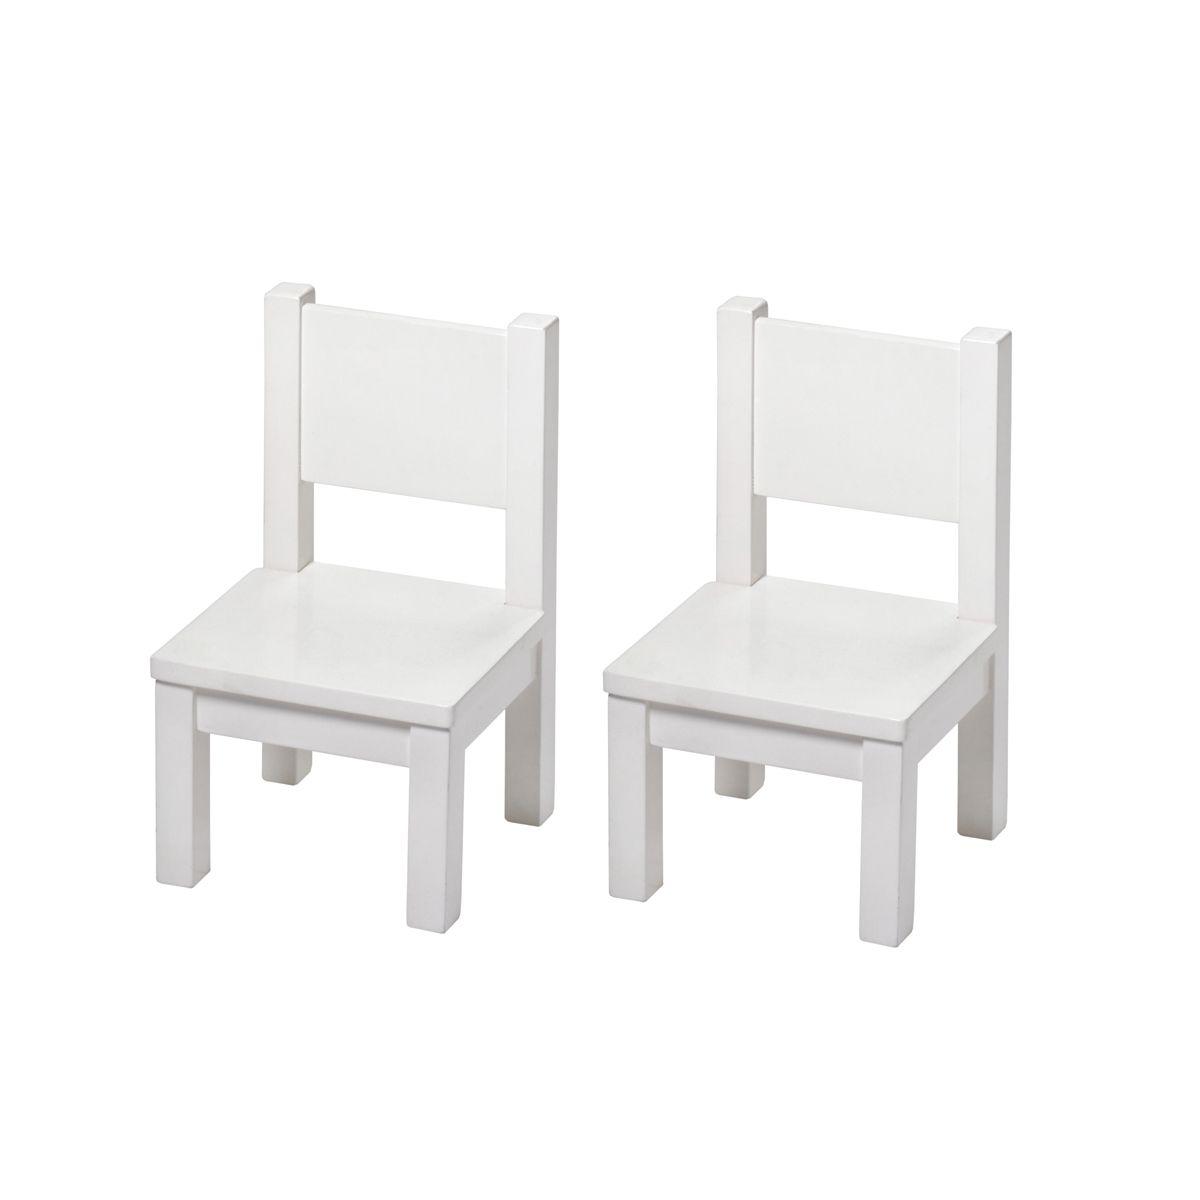 2 Chaises Blanches Tout Petits Chaises Blanches Rangement Decoratif Chaise